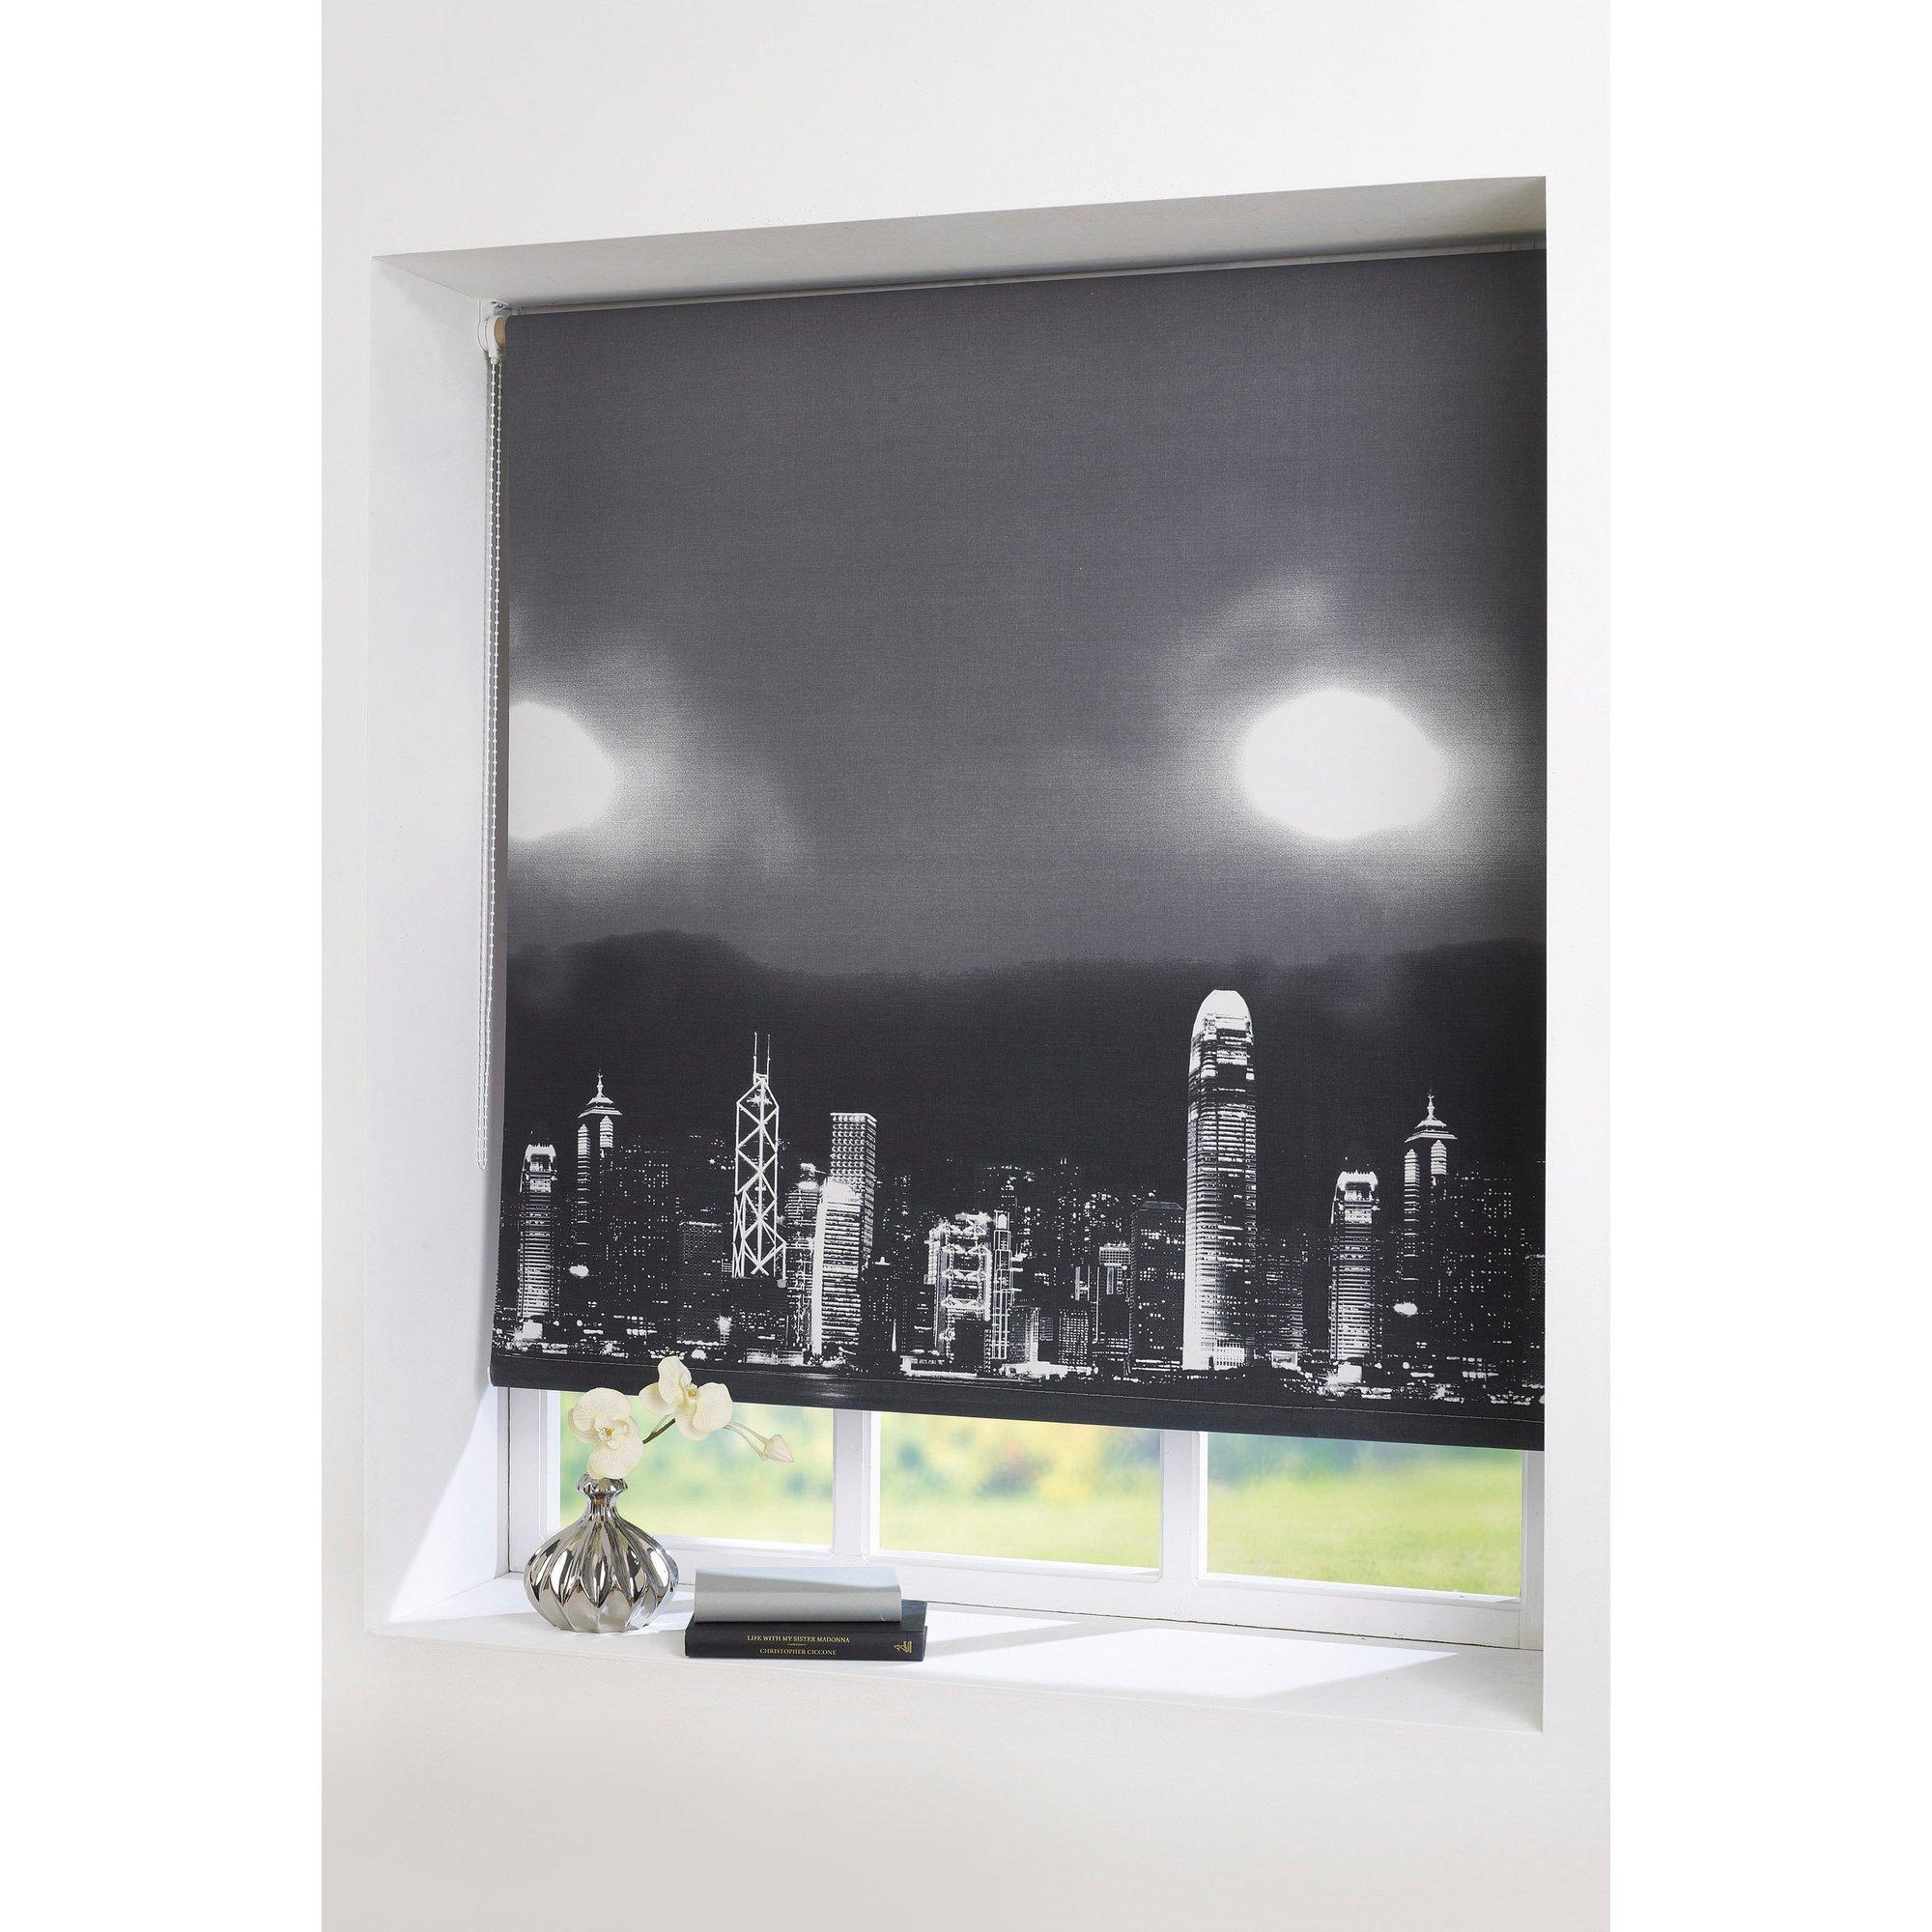 Image of Skyline Blackout Grey Roller Blind 160cm Drop